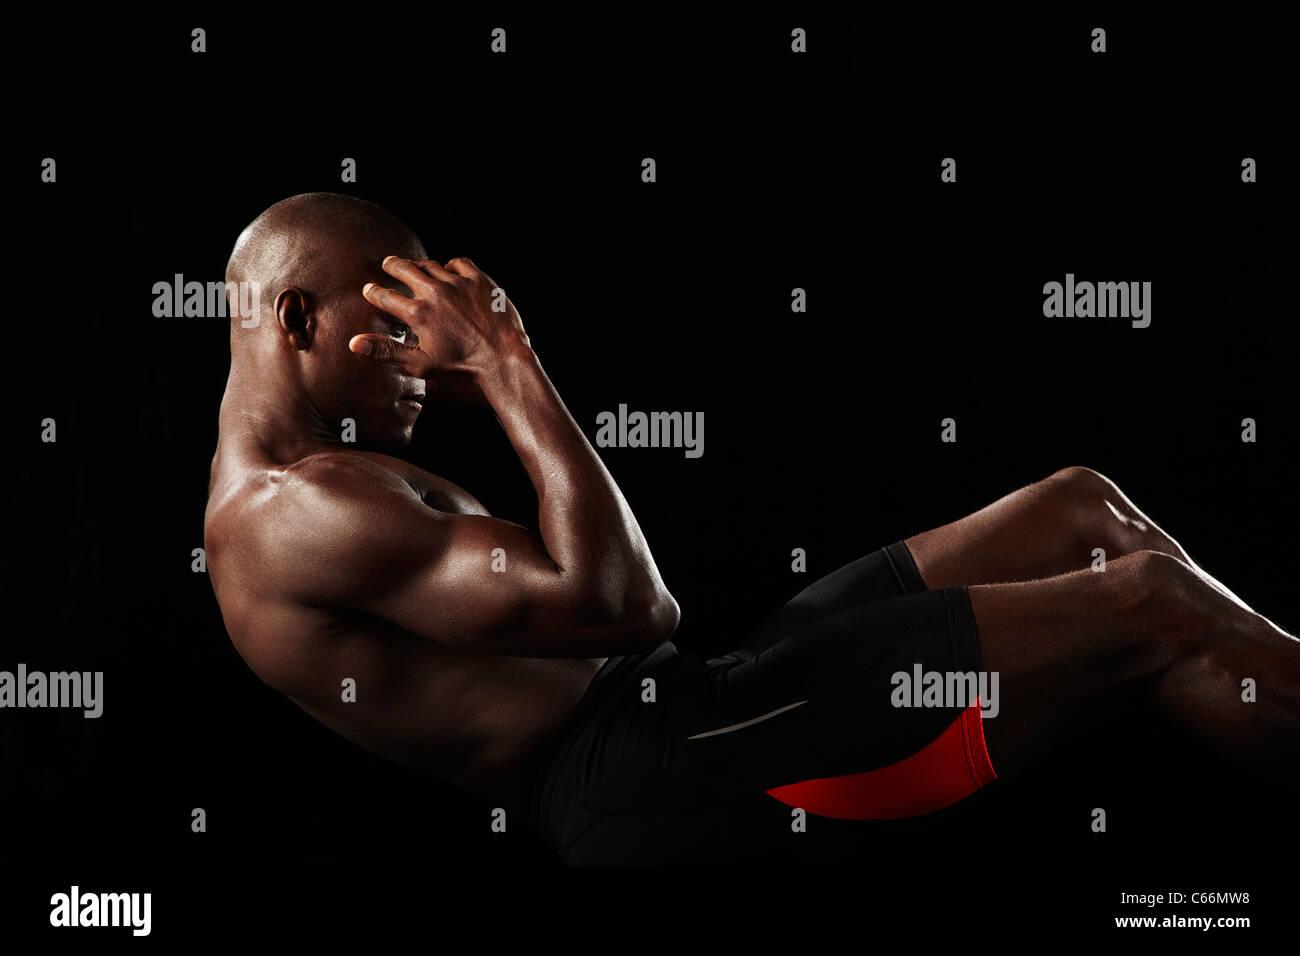 Athlet Sit Stockbild